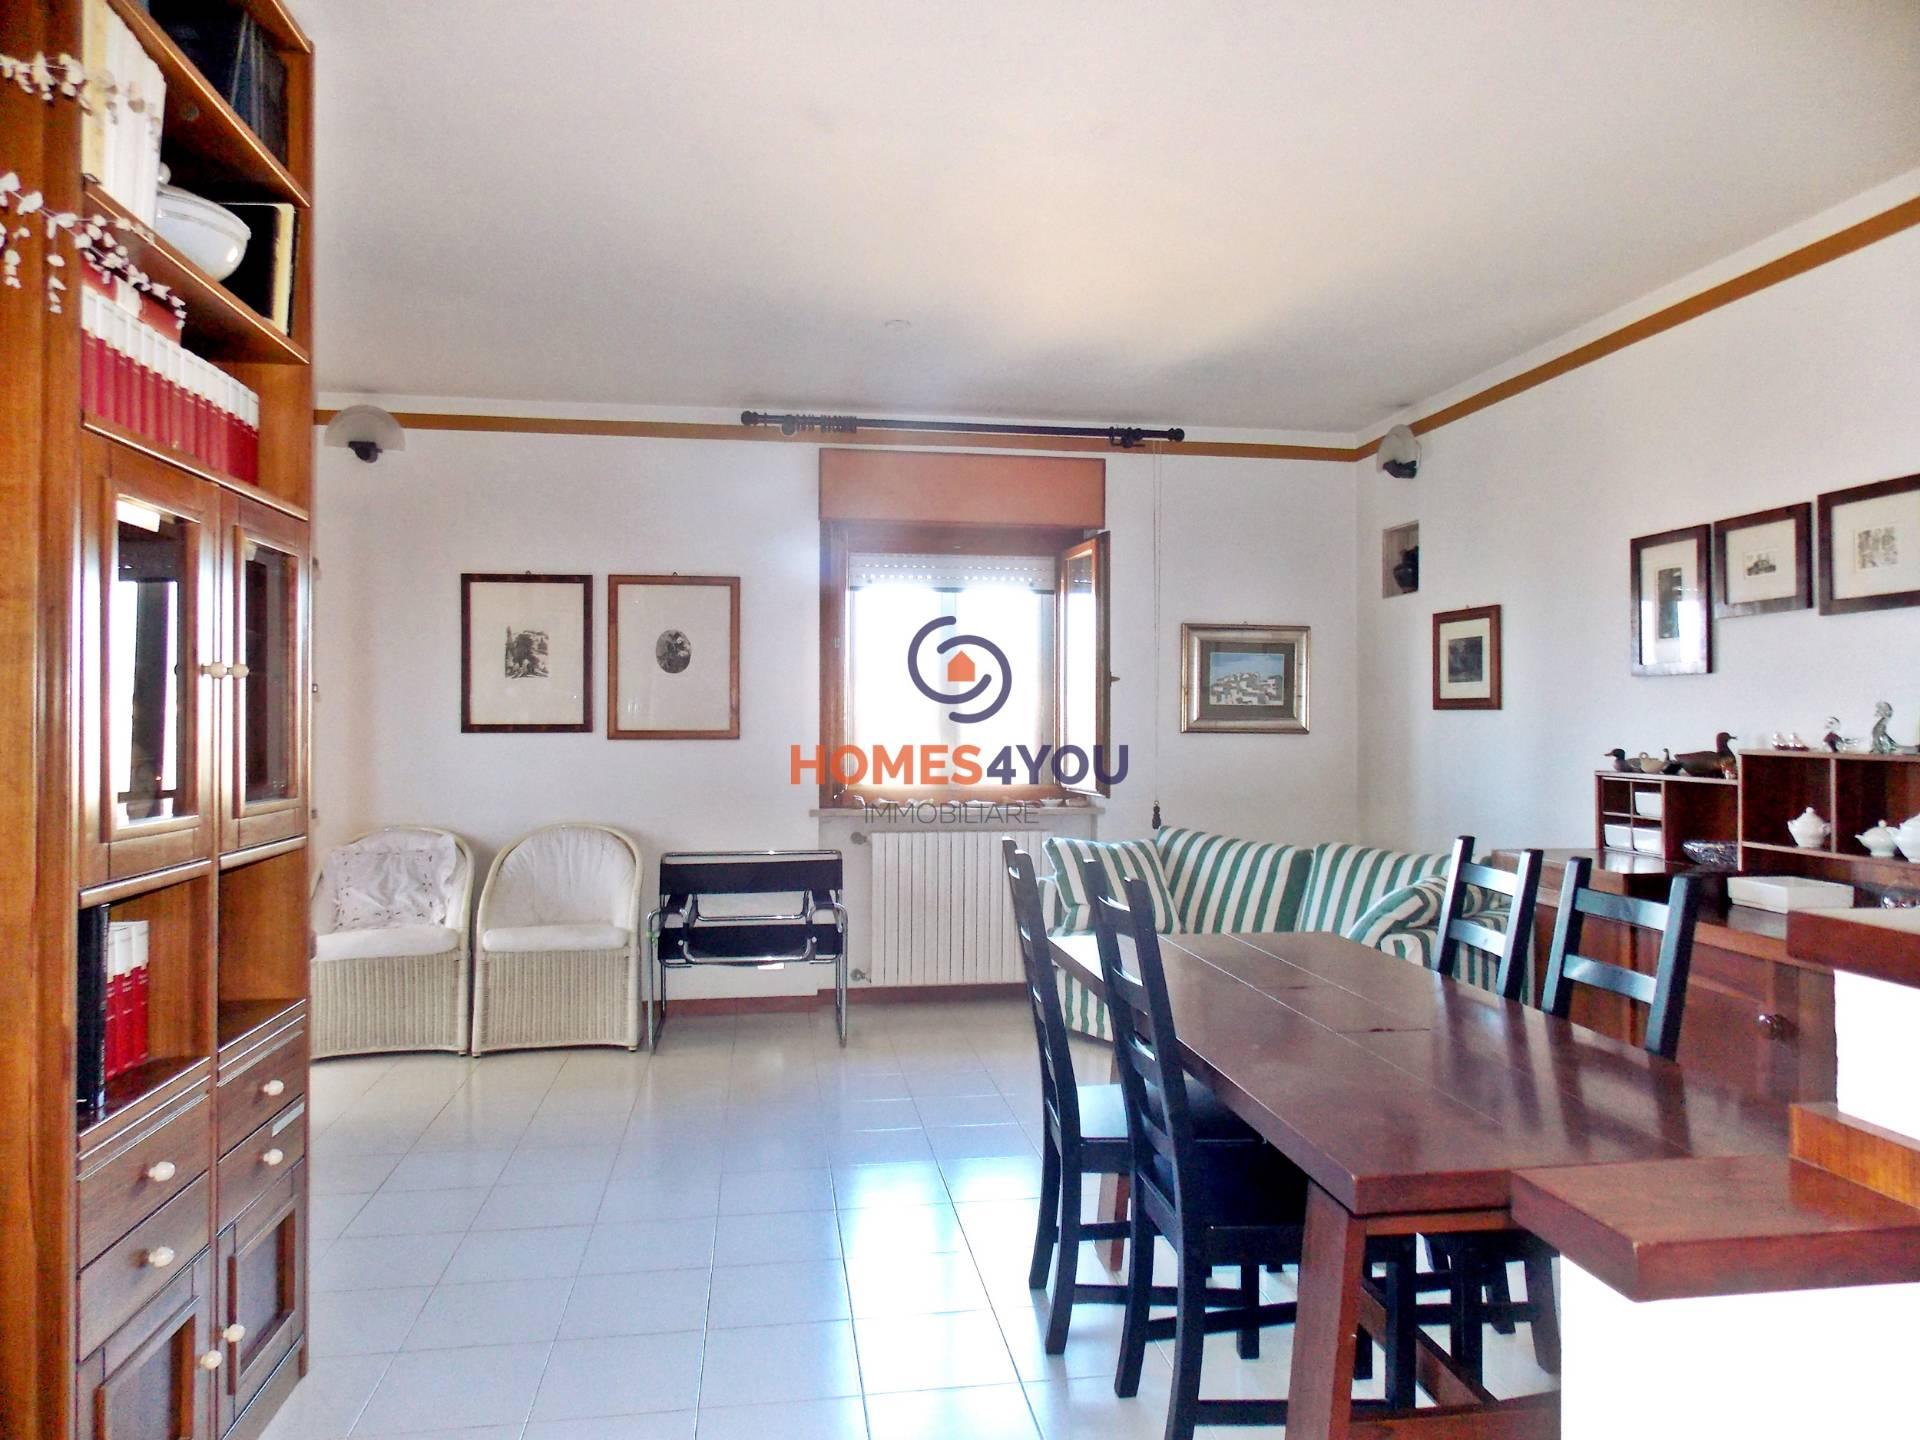 appartamento vendita fermo di metri quadrati 170